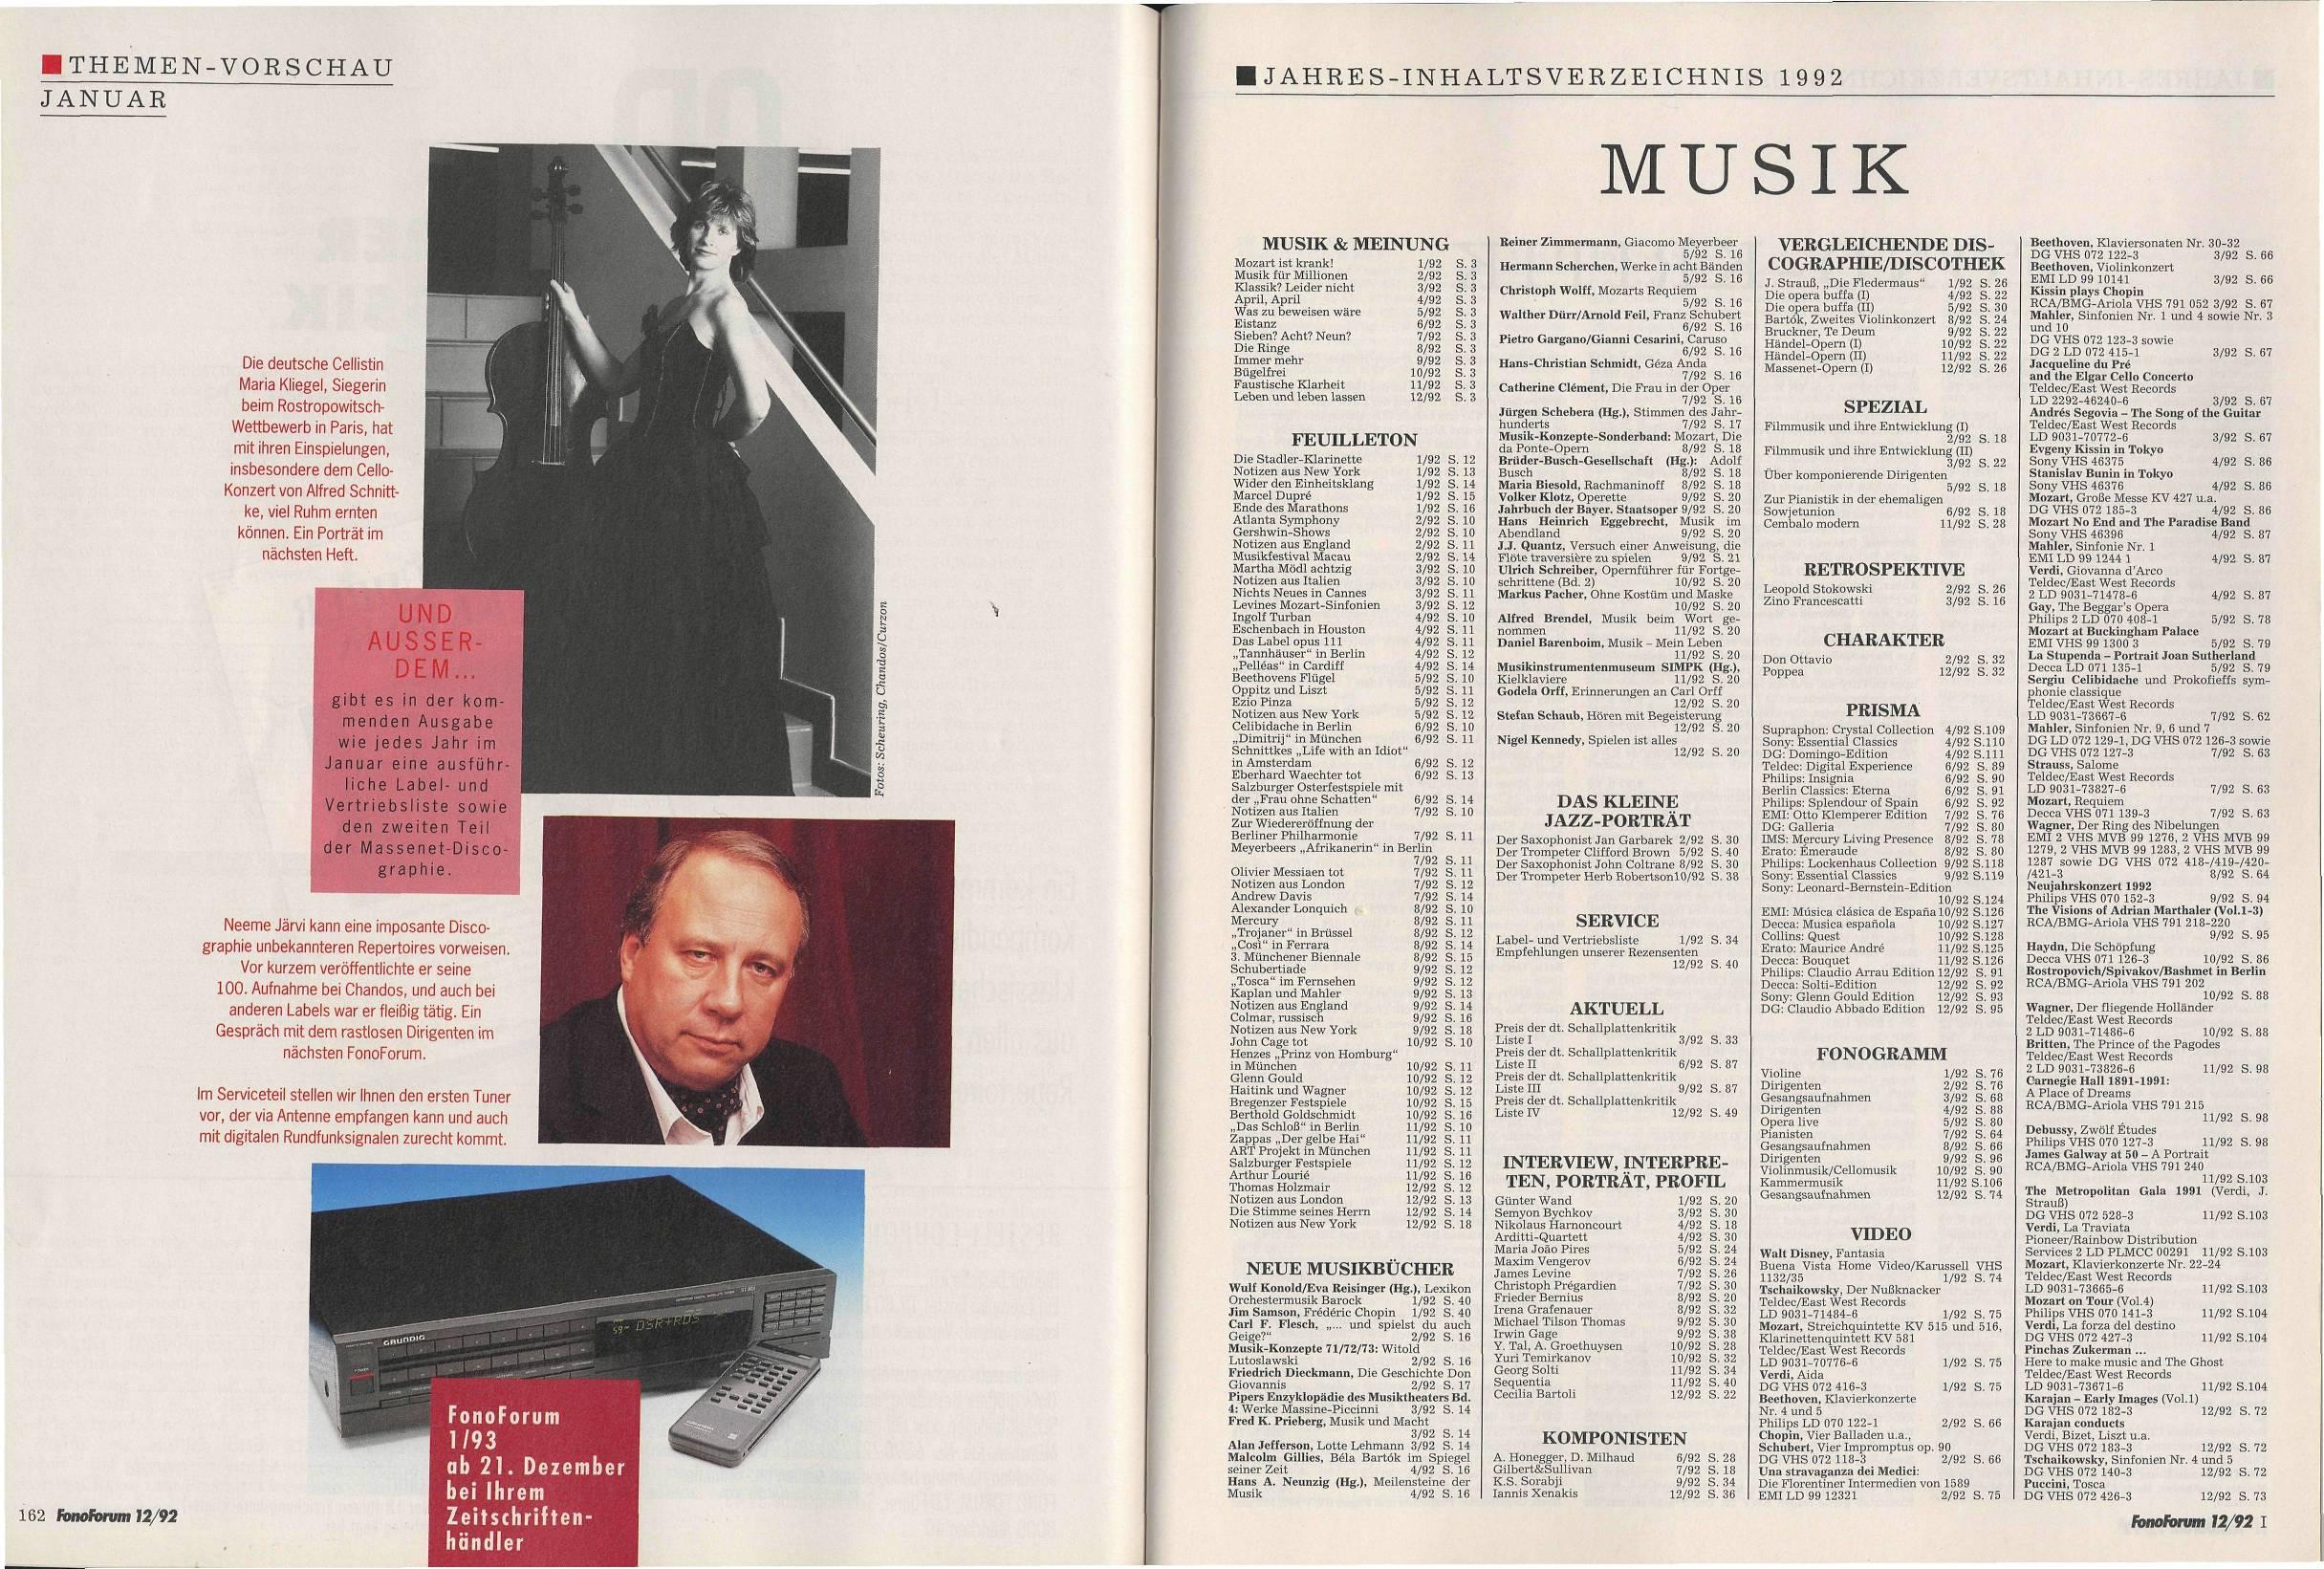 Jahres-Inhaltsverzeichnis 1992